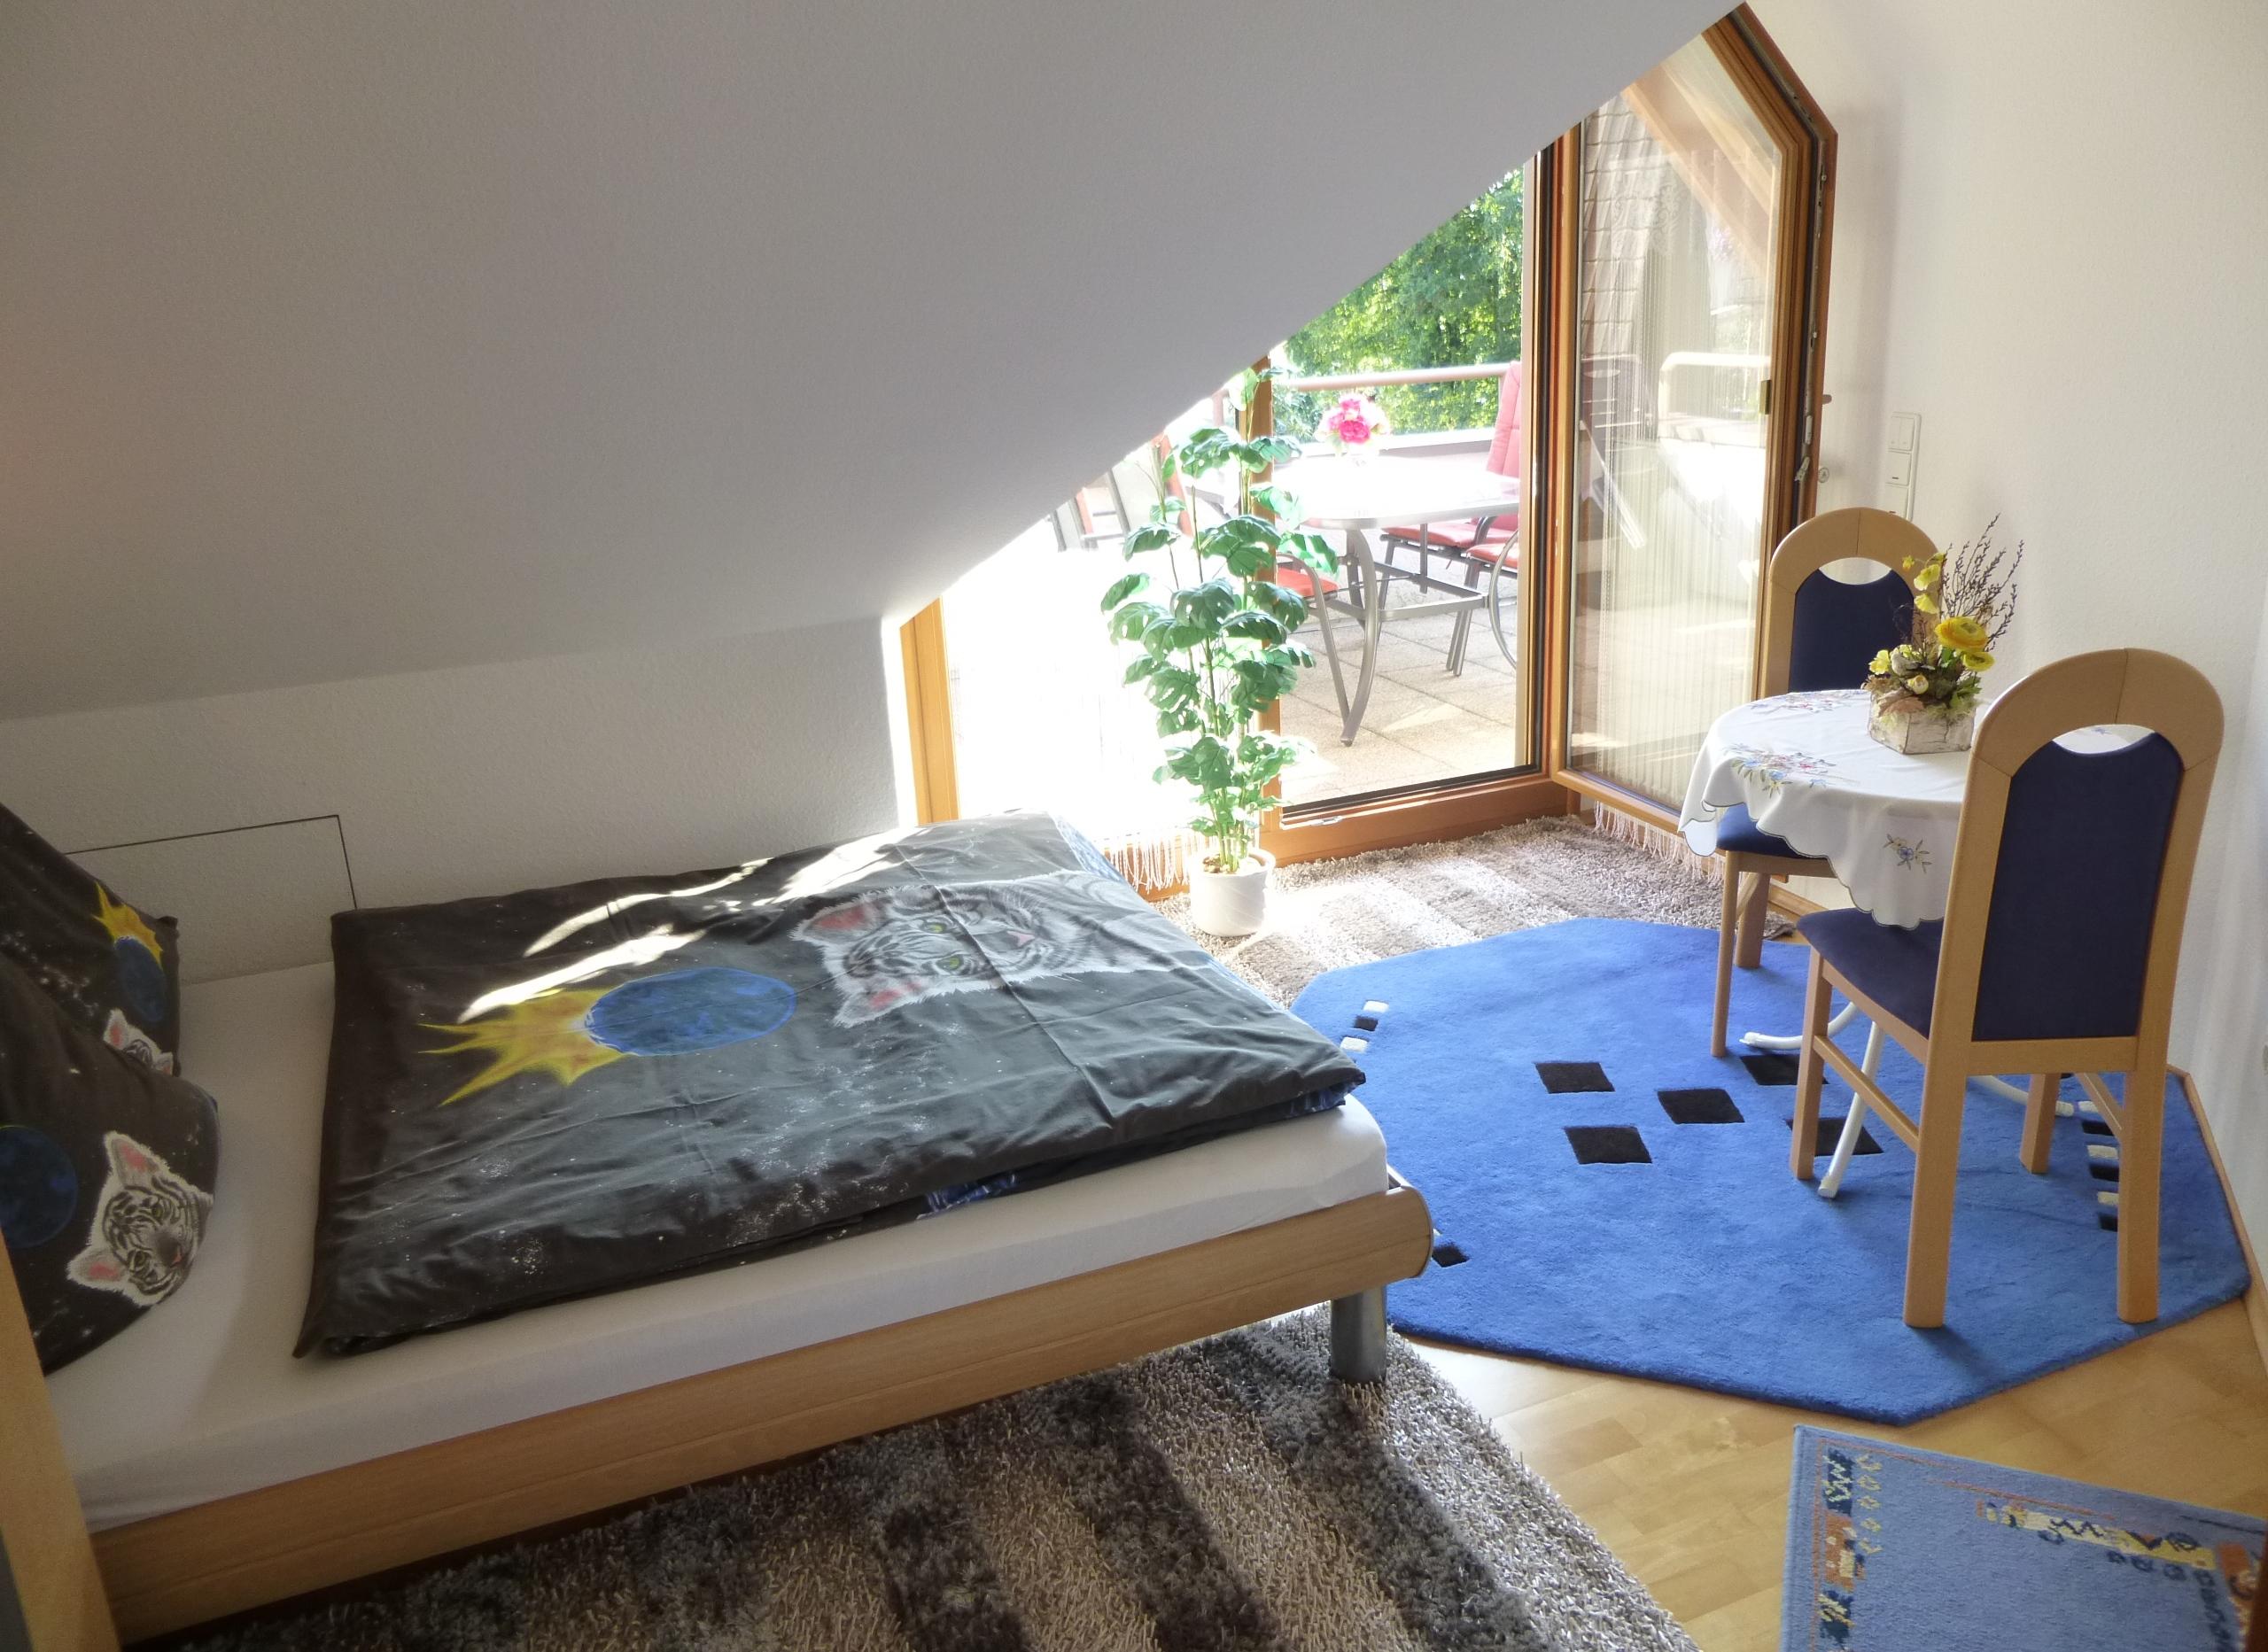 ... Einzigartigen Mobelstucke Il Loft Awesome Eklektische Wohnung Loft  Charakter Pictures ...